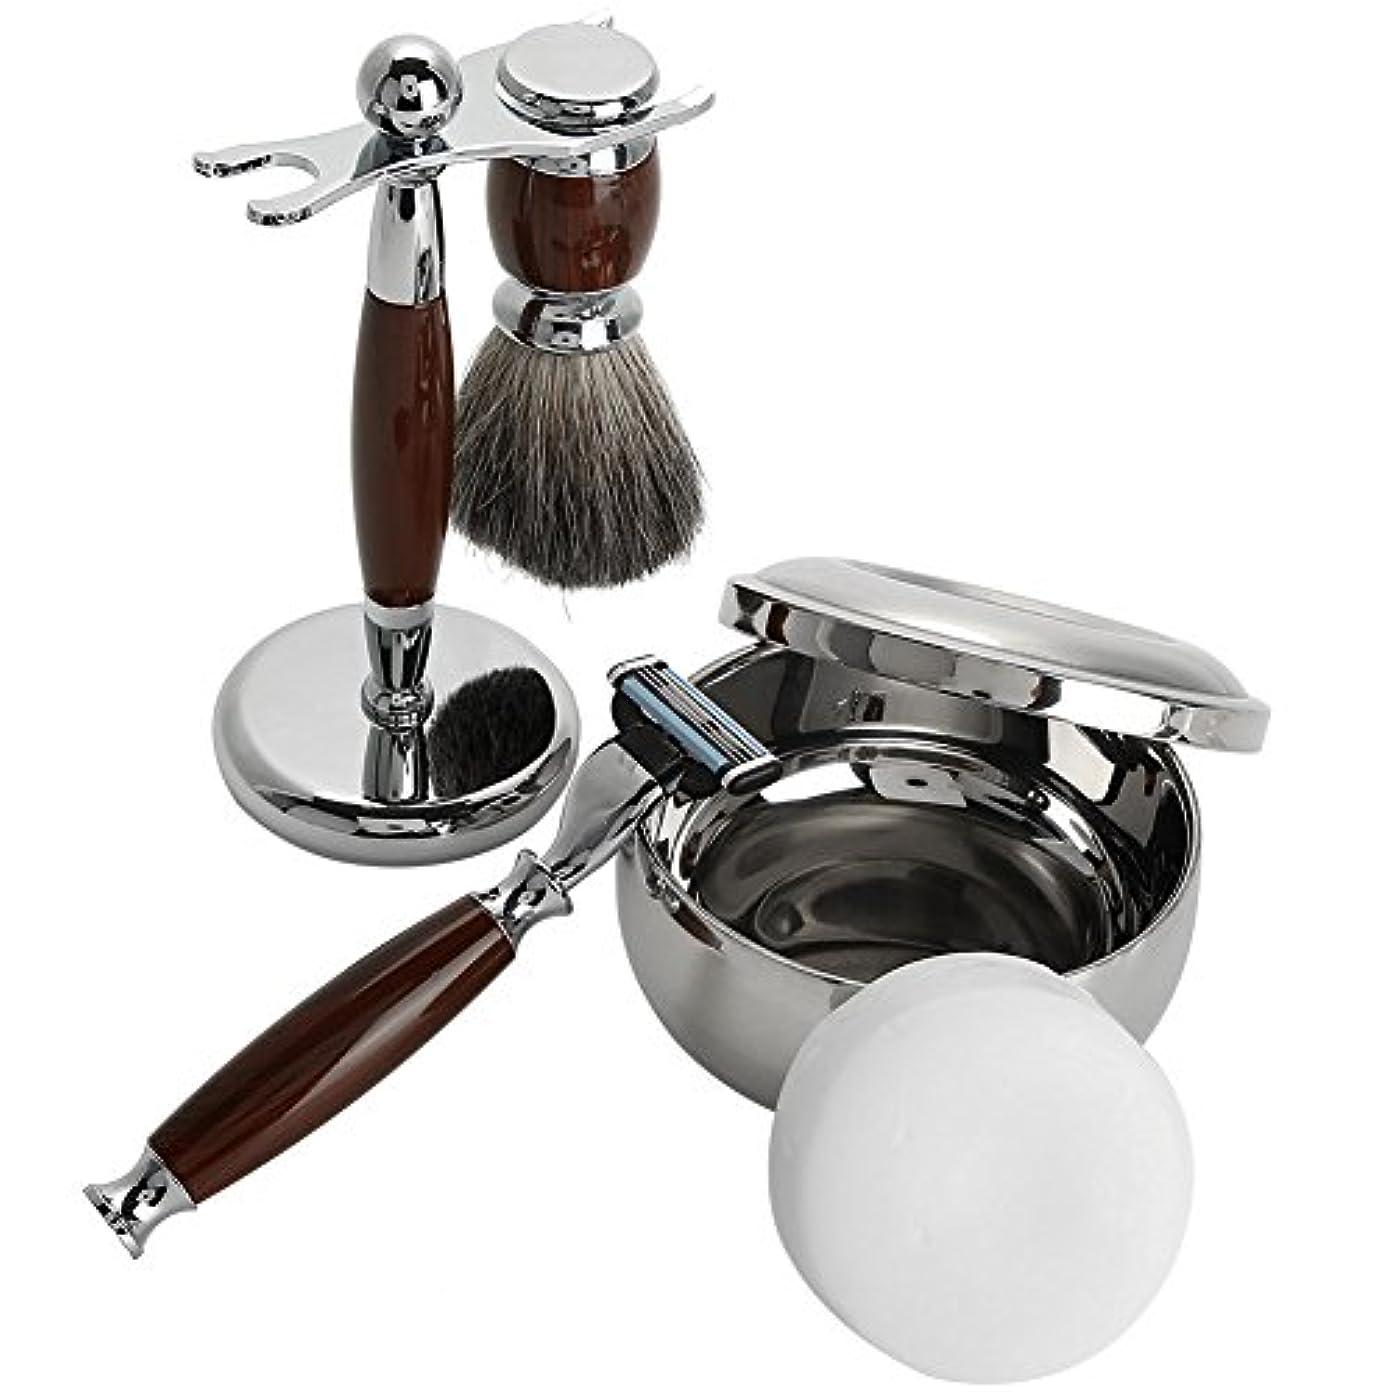 ボウリングアンデス山脈オリエンテーション剃刀 -Dewin シェービングブラシセット、剃刀スタンド、石鹸ボウル、石鹸、洗顔ブラシ、髭剃り、泡立ち、メンズ